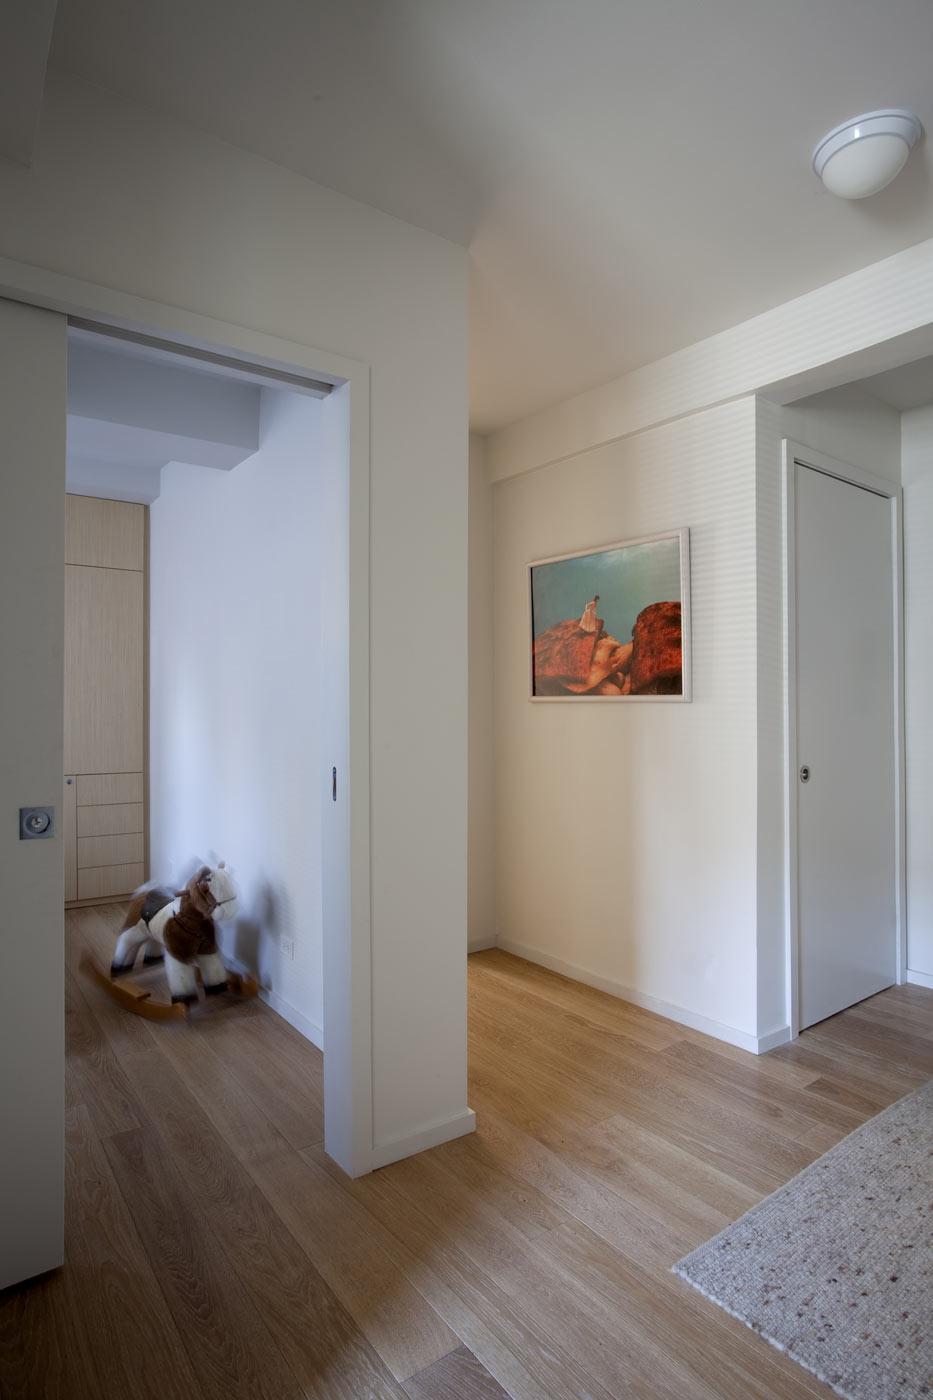 Giulias Apartment interior design3.jpg